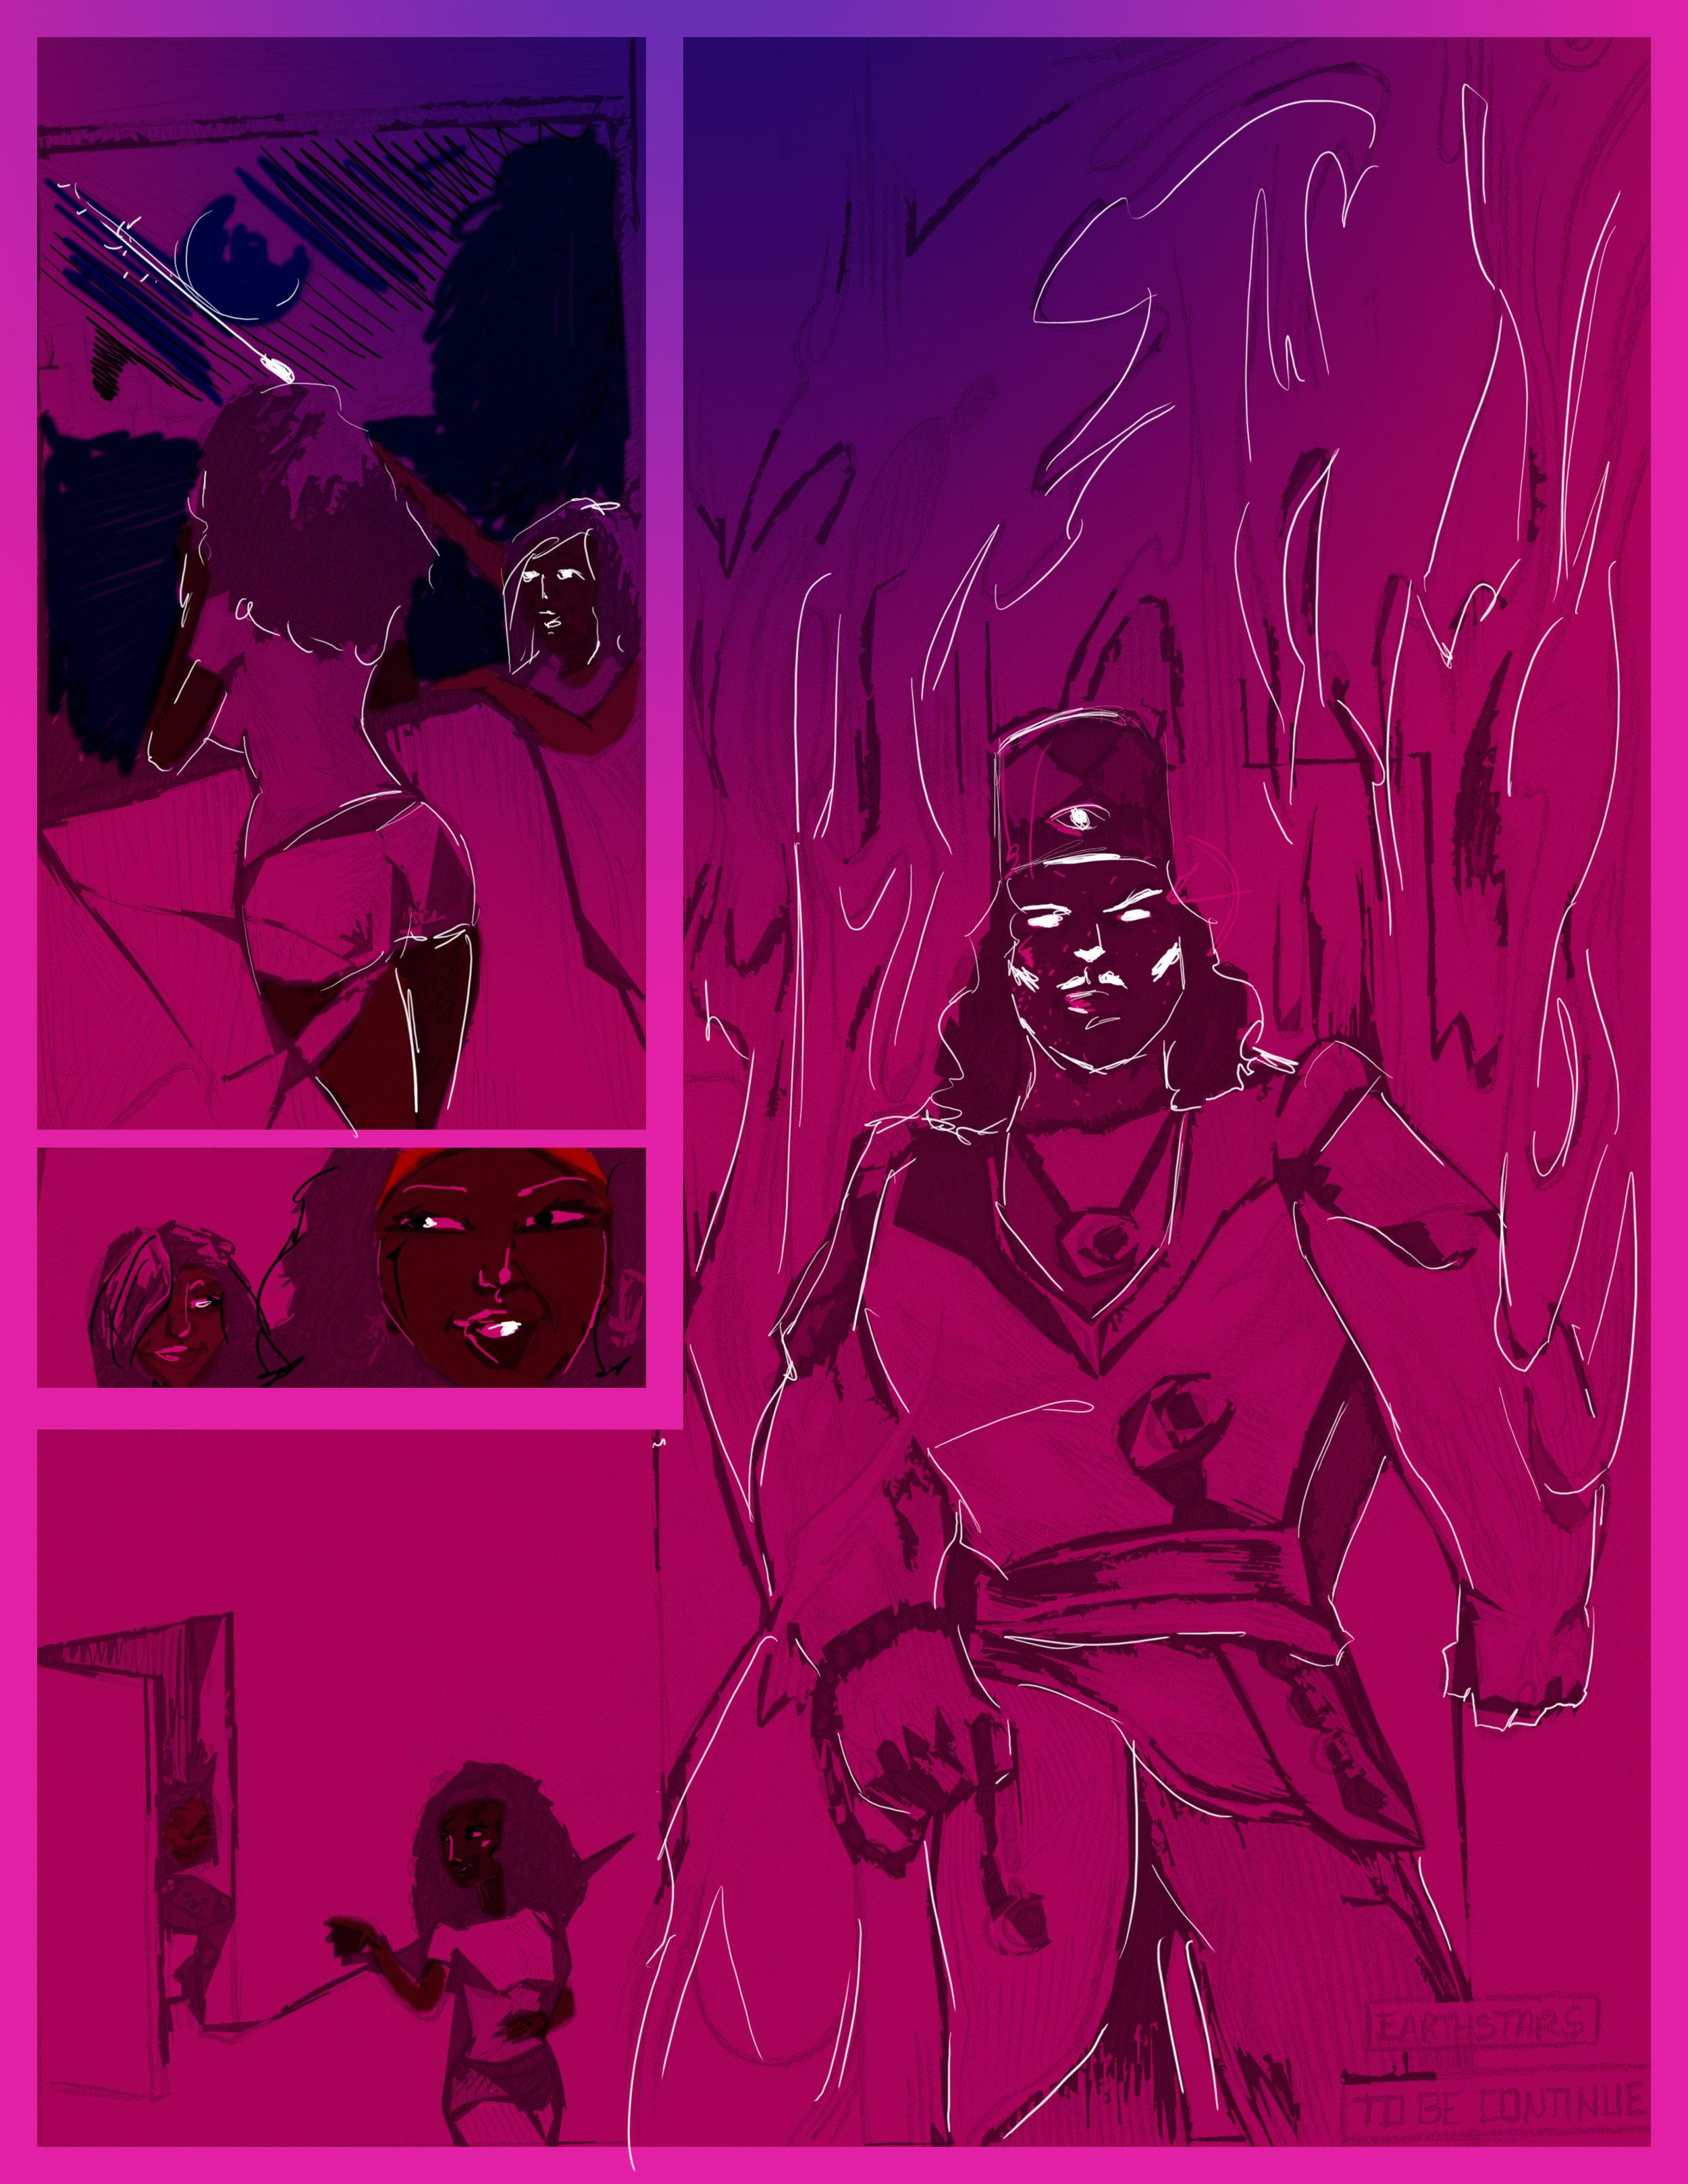 Page6_of_series.jpg